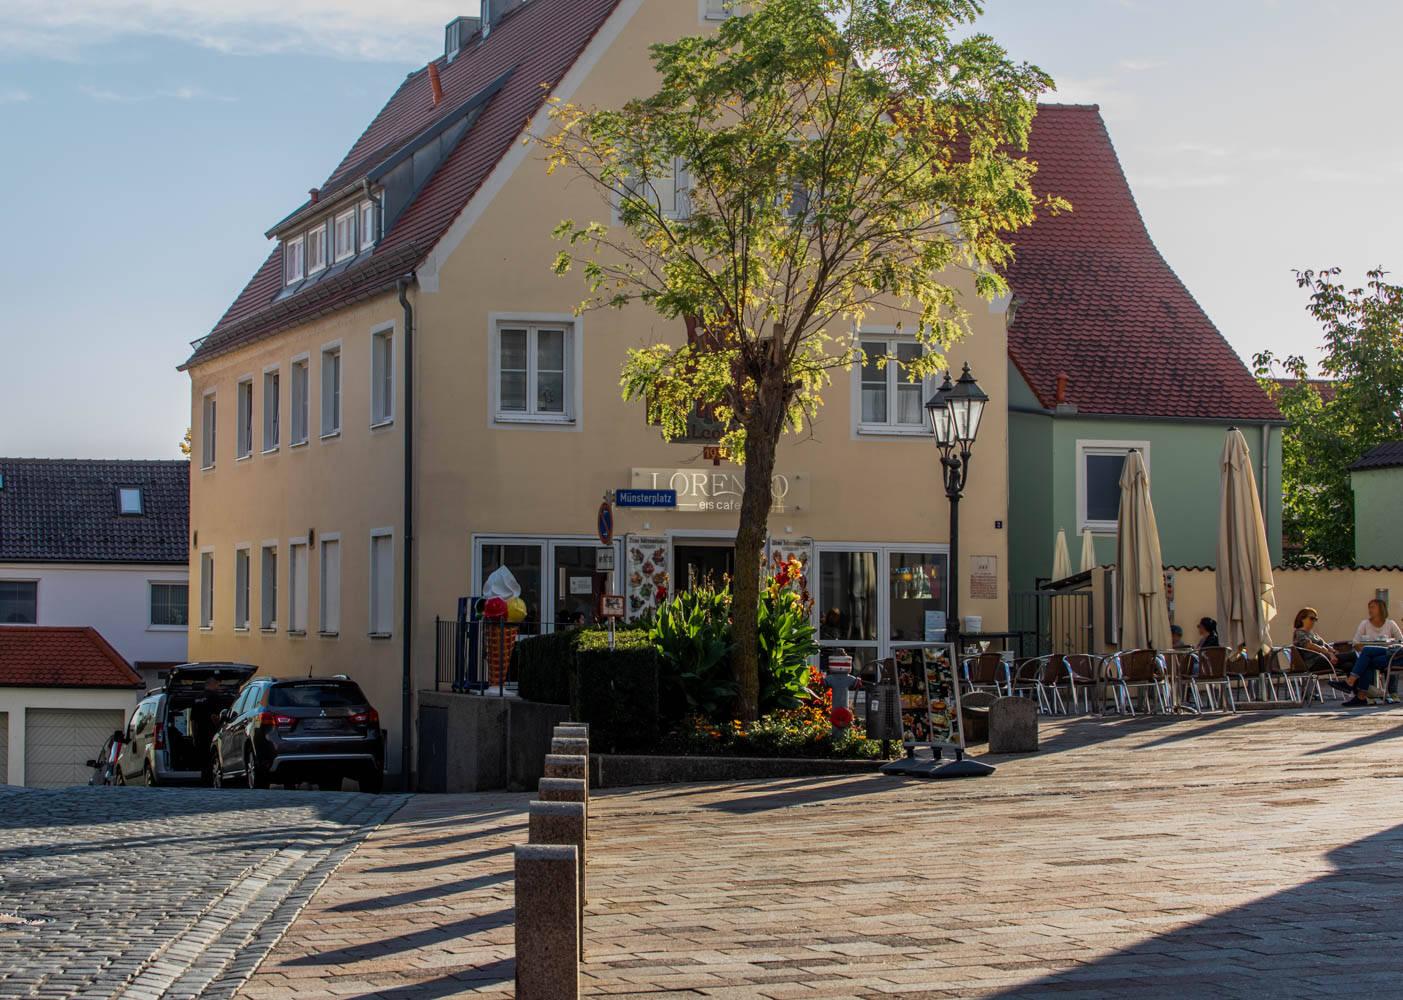 Engelshof_©Gregor_Wiebe-16.jpg